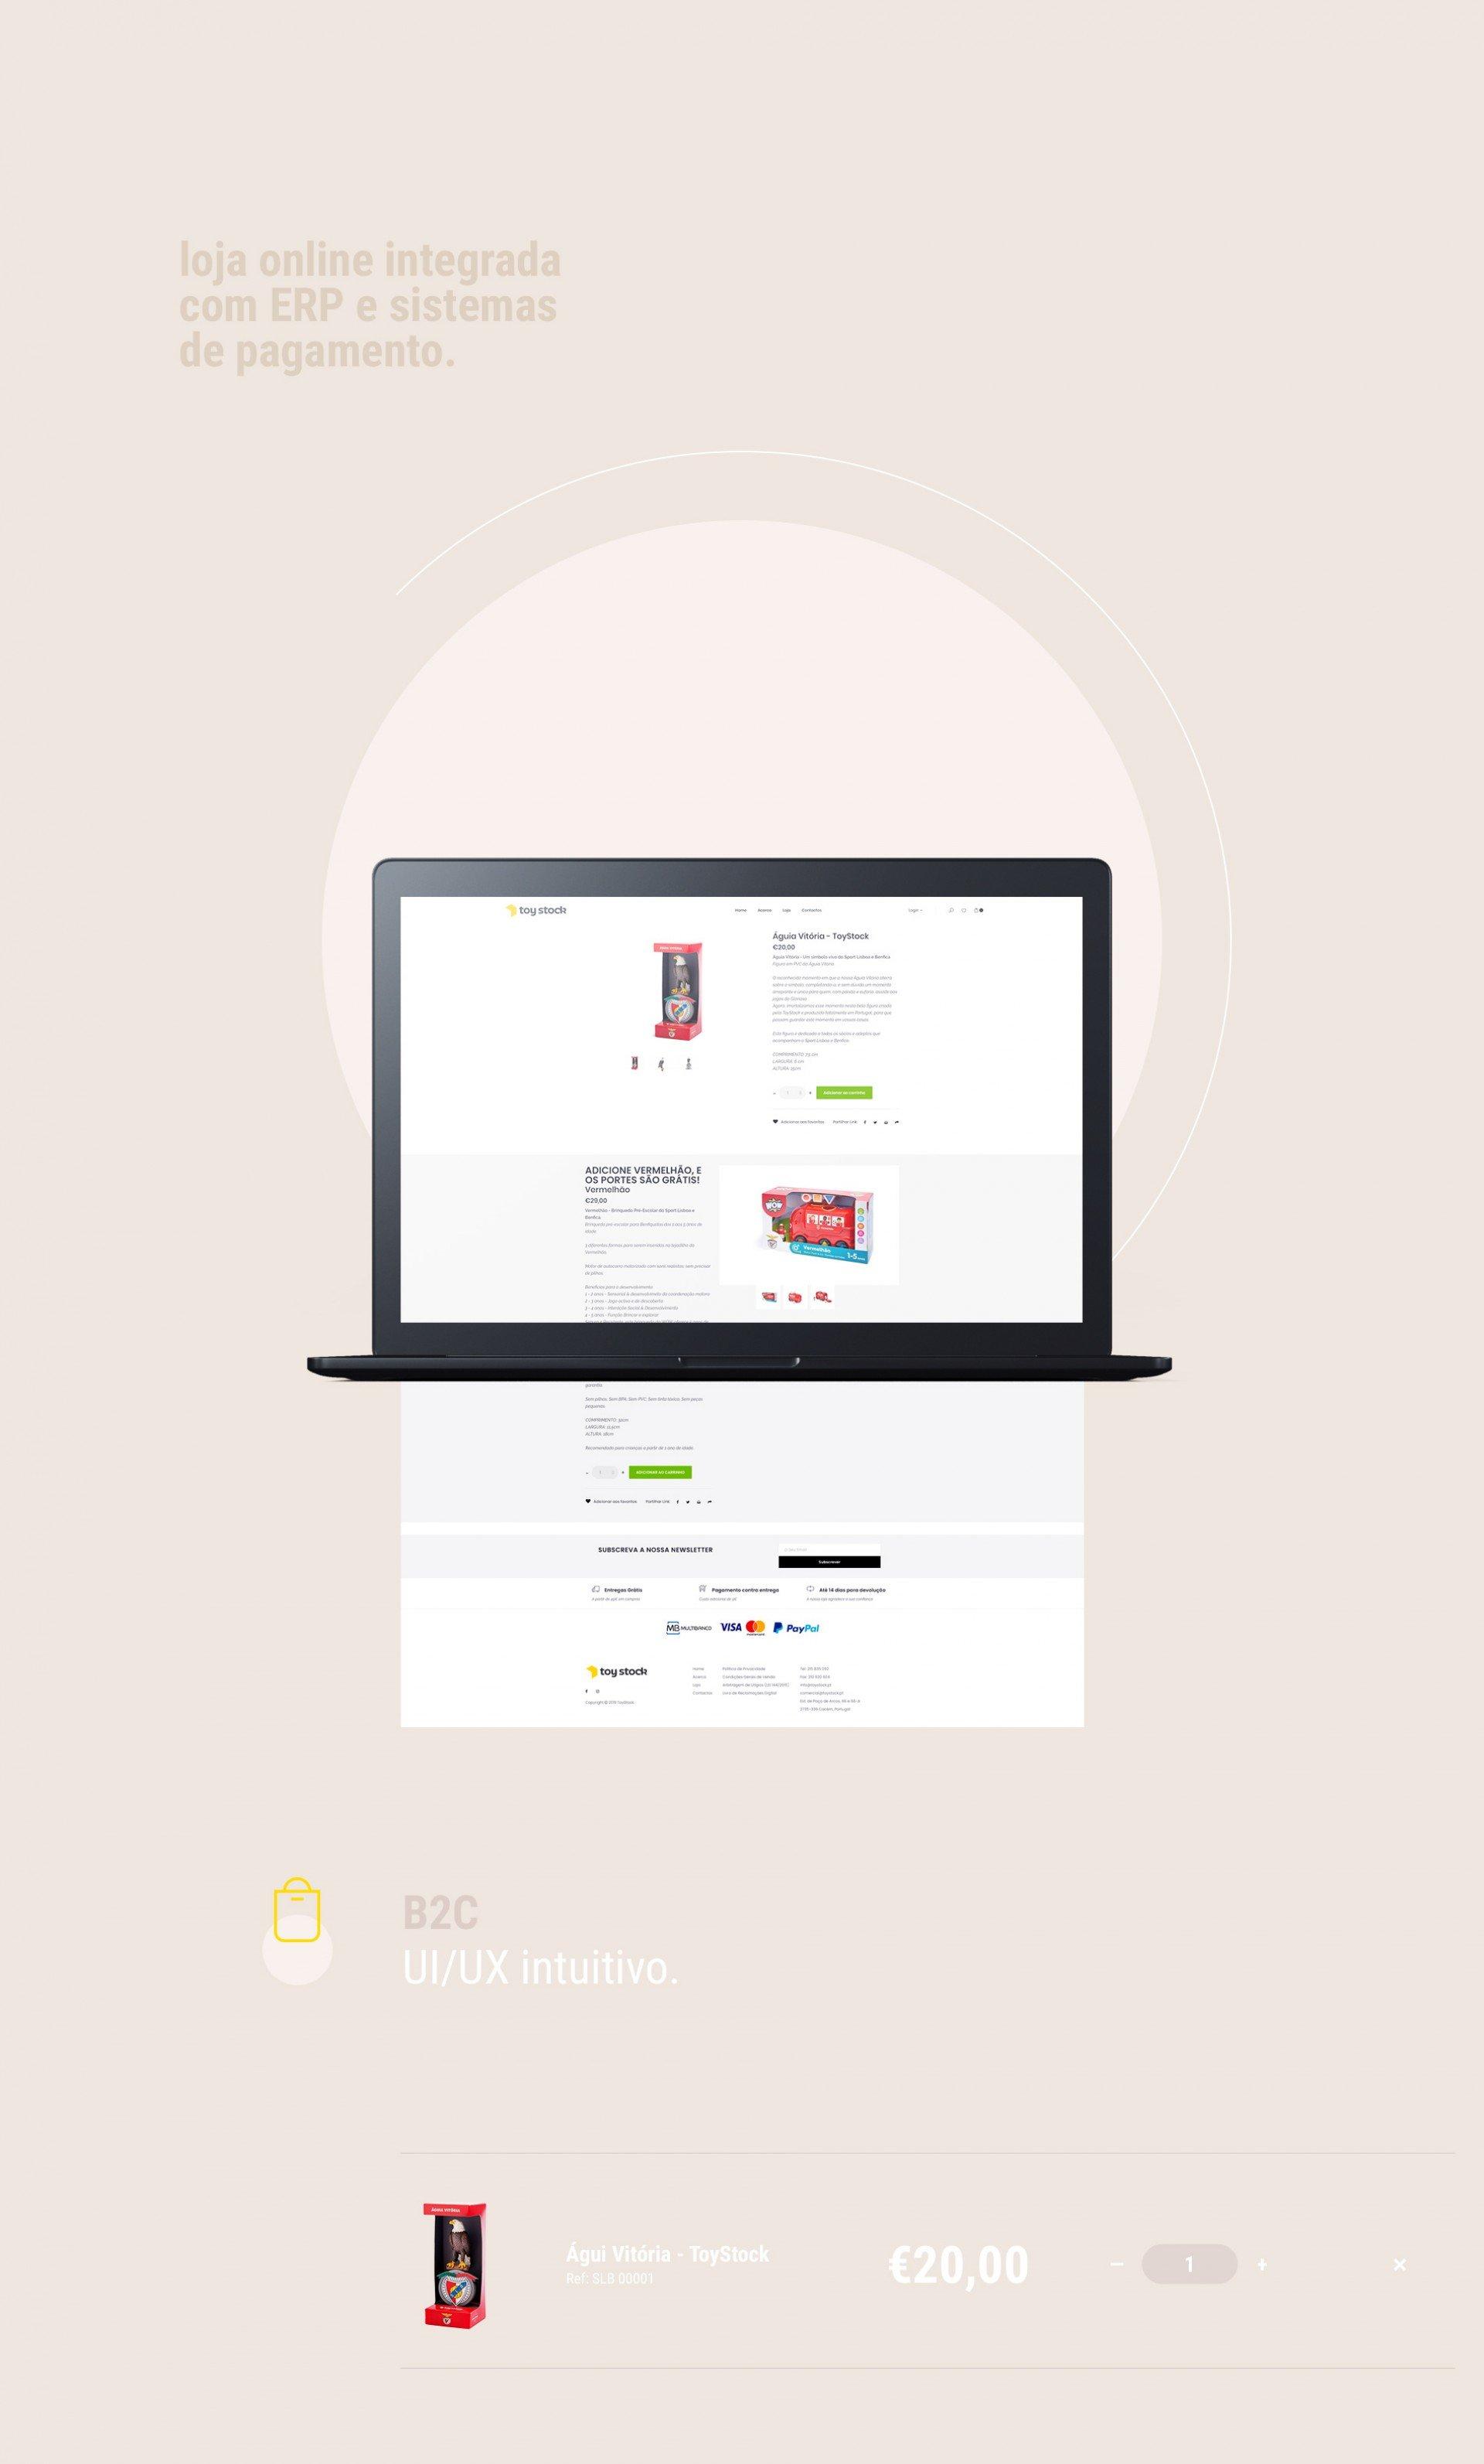 Loja Online integrada com ERP e sistemas de pagamento